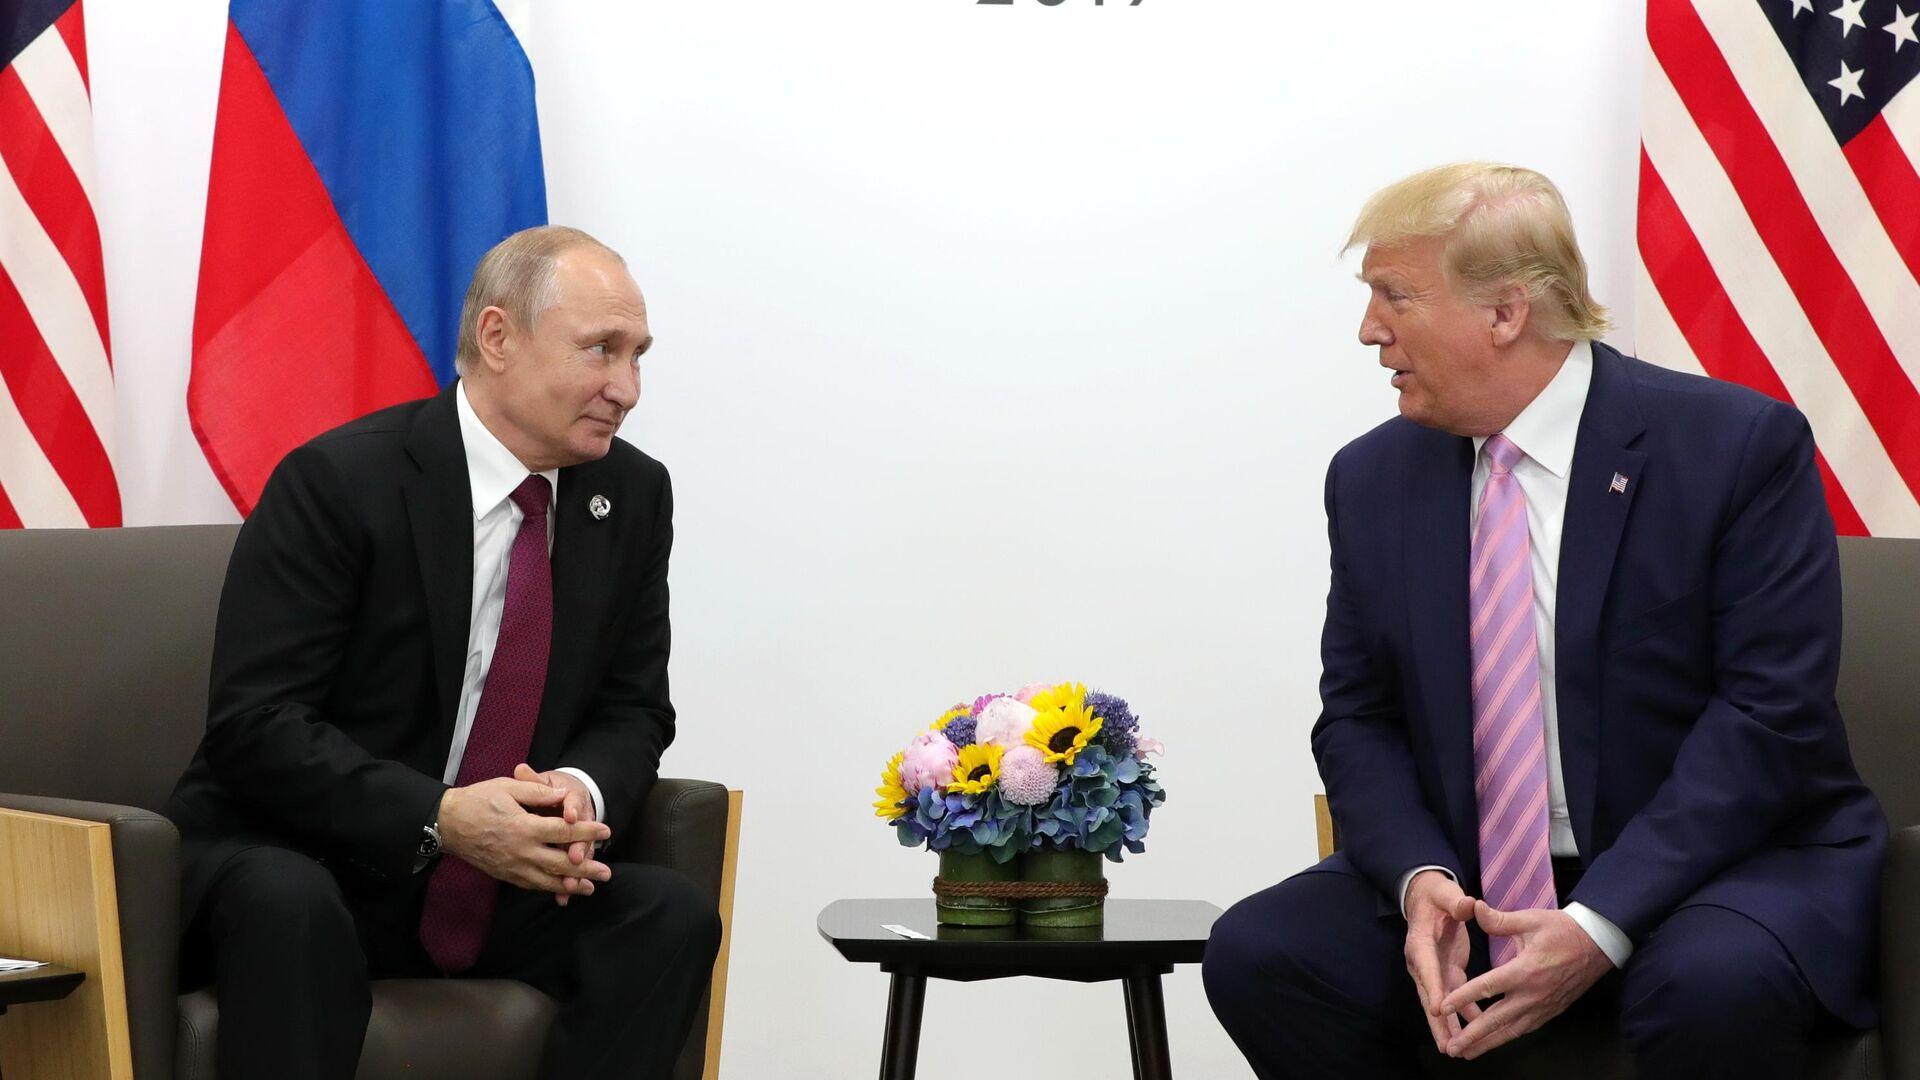 Президент РФ Владимир Путин и президент США Дональд Трамп на полях саммита Группы двадцати в Осаке. 28 июня 2019 - РИА Новости, 1920, 24.07.2020